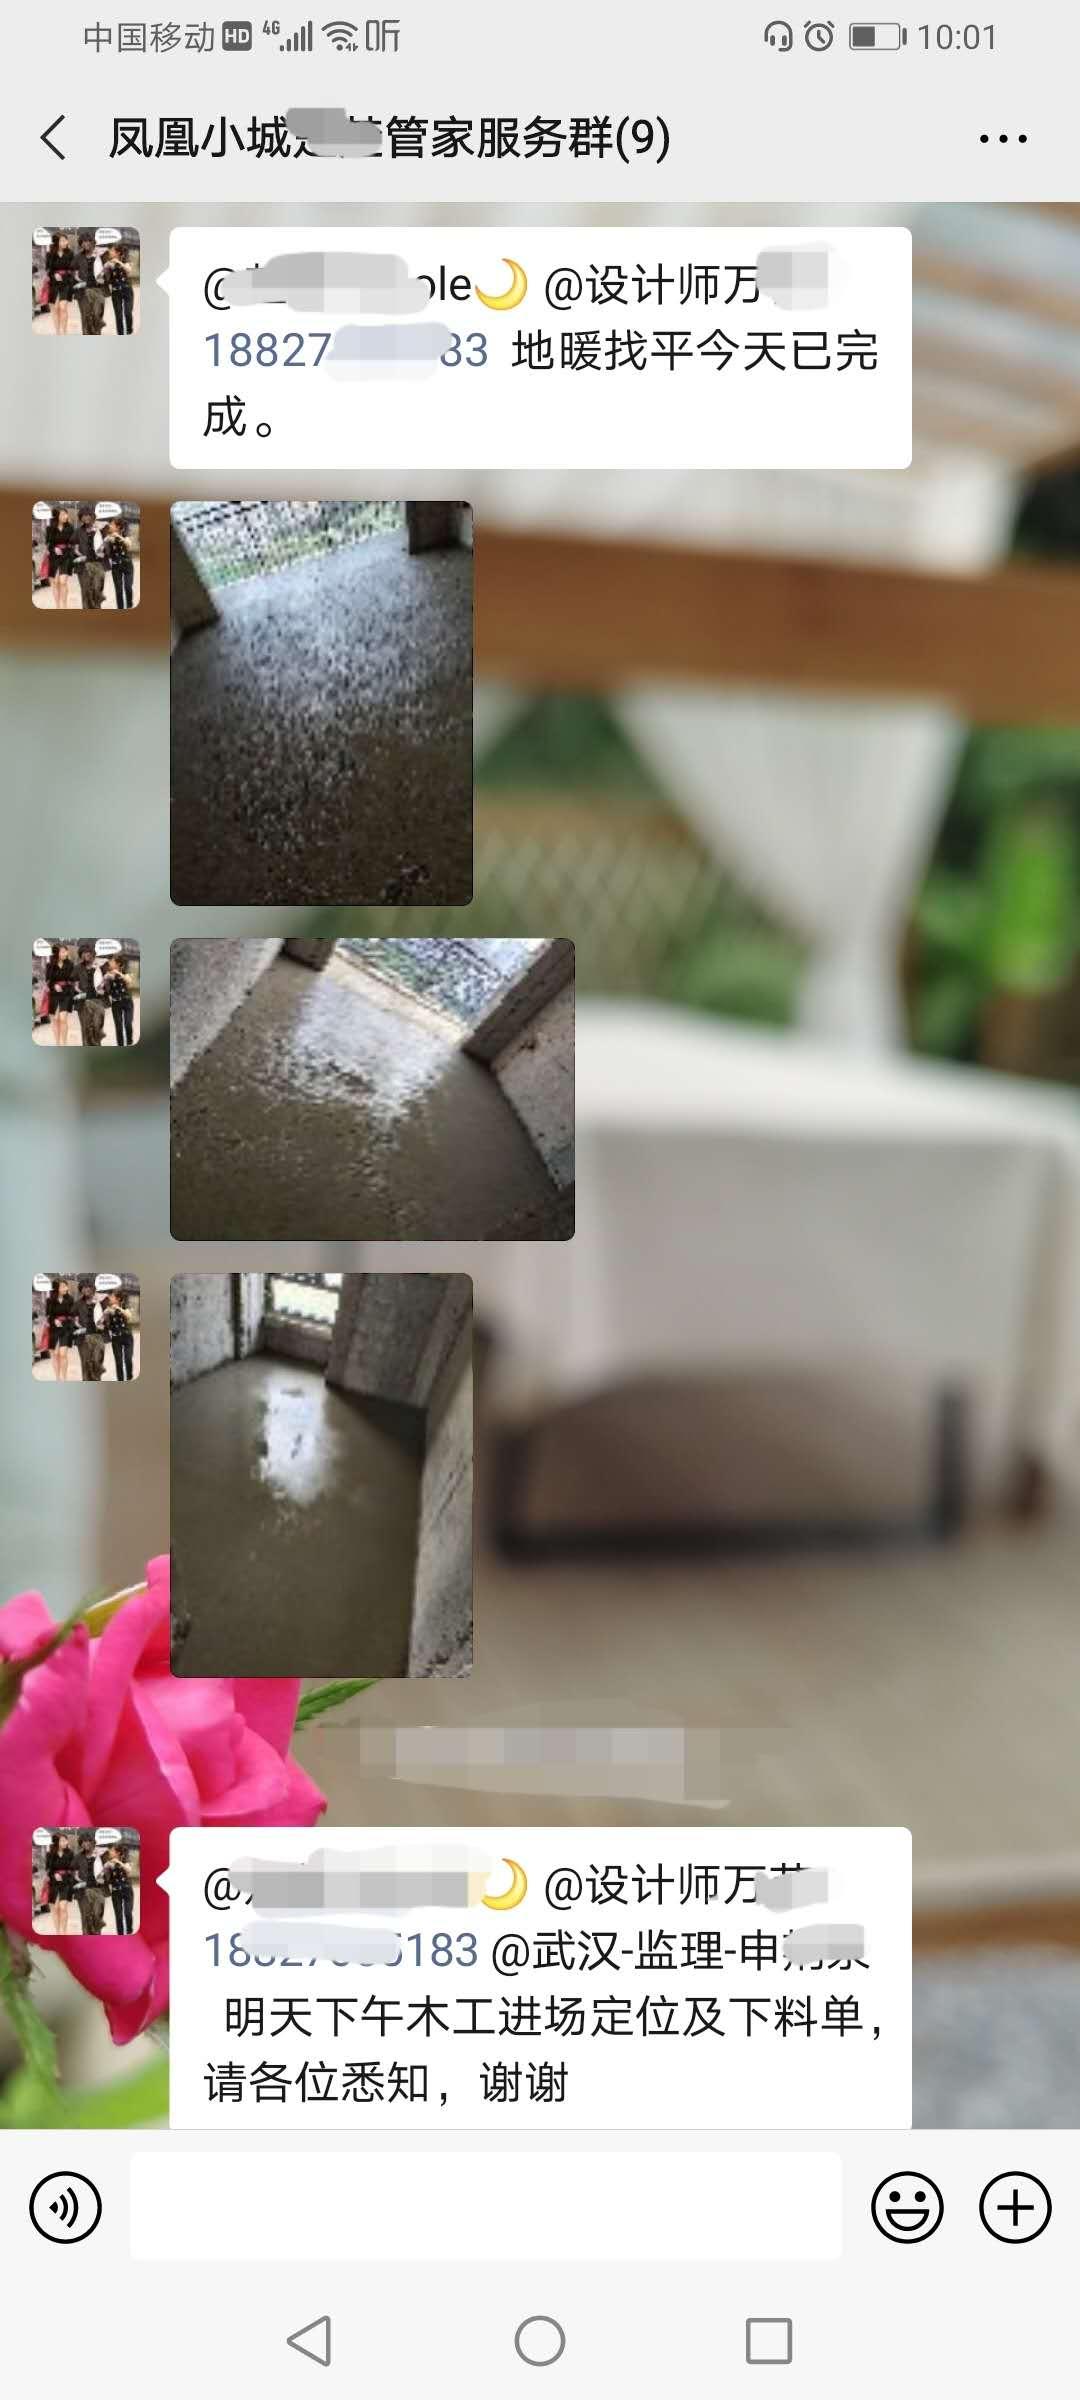 微信图片_20201029112221.jpg